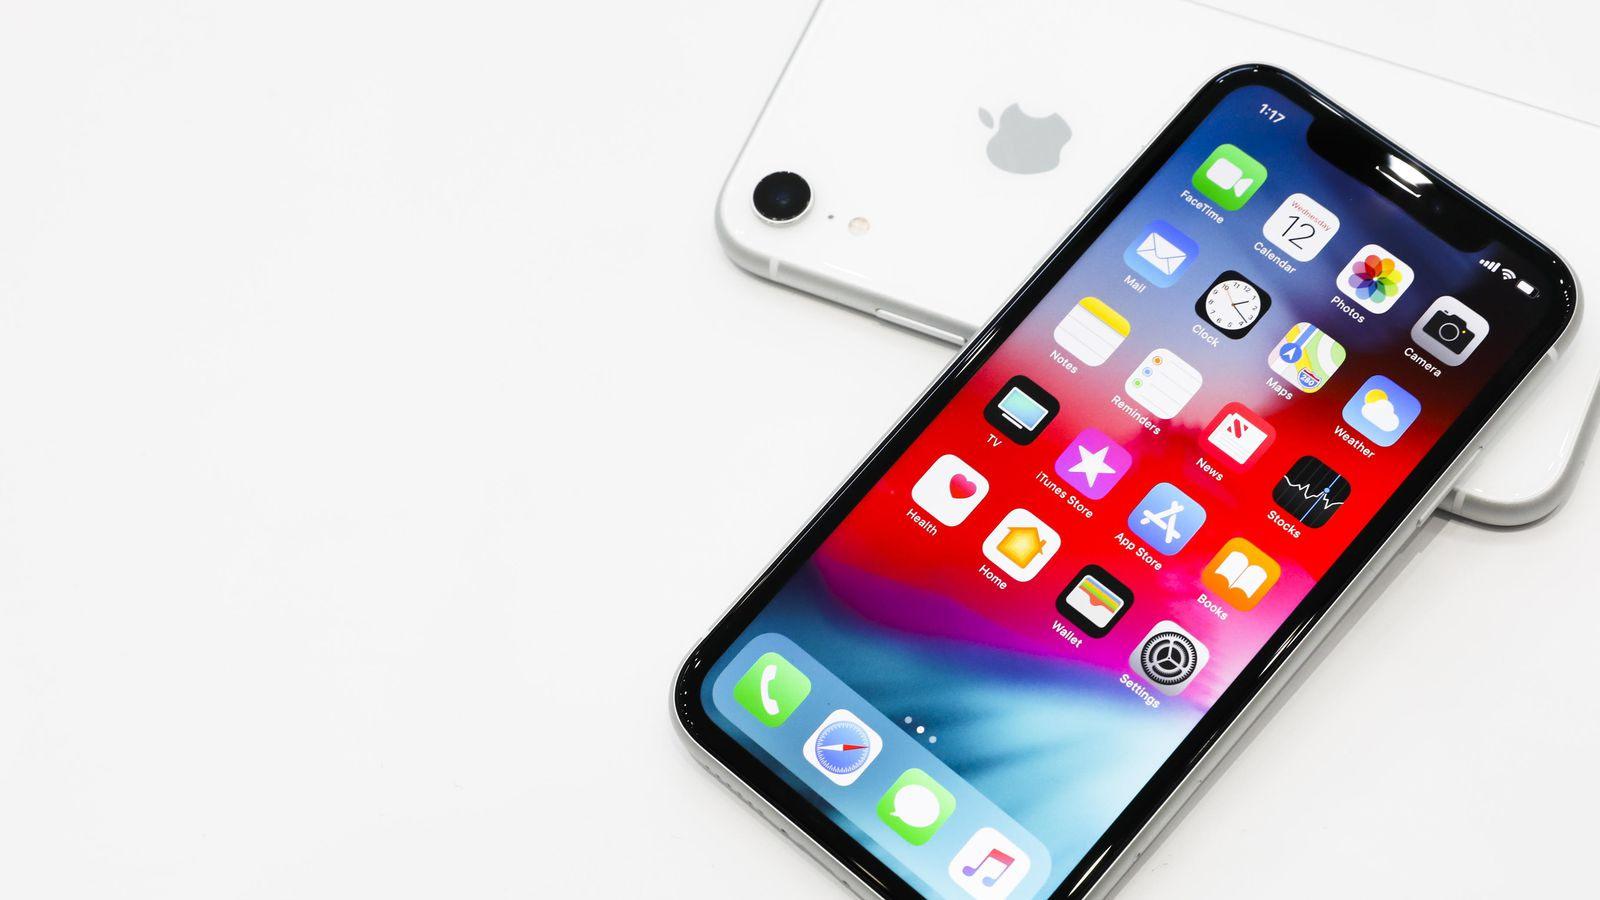 郭明錤:2020 年 5G 版 iPhone 基頻晶片將由高通與三星共同供應